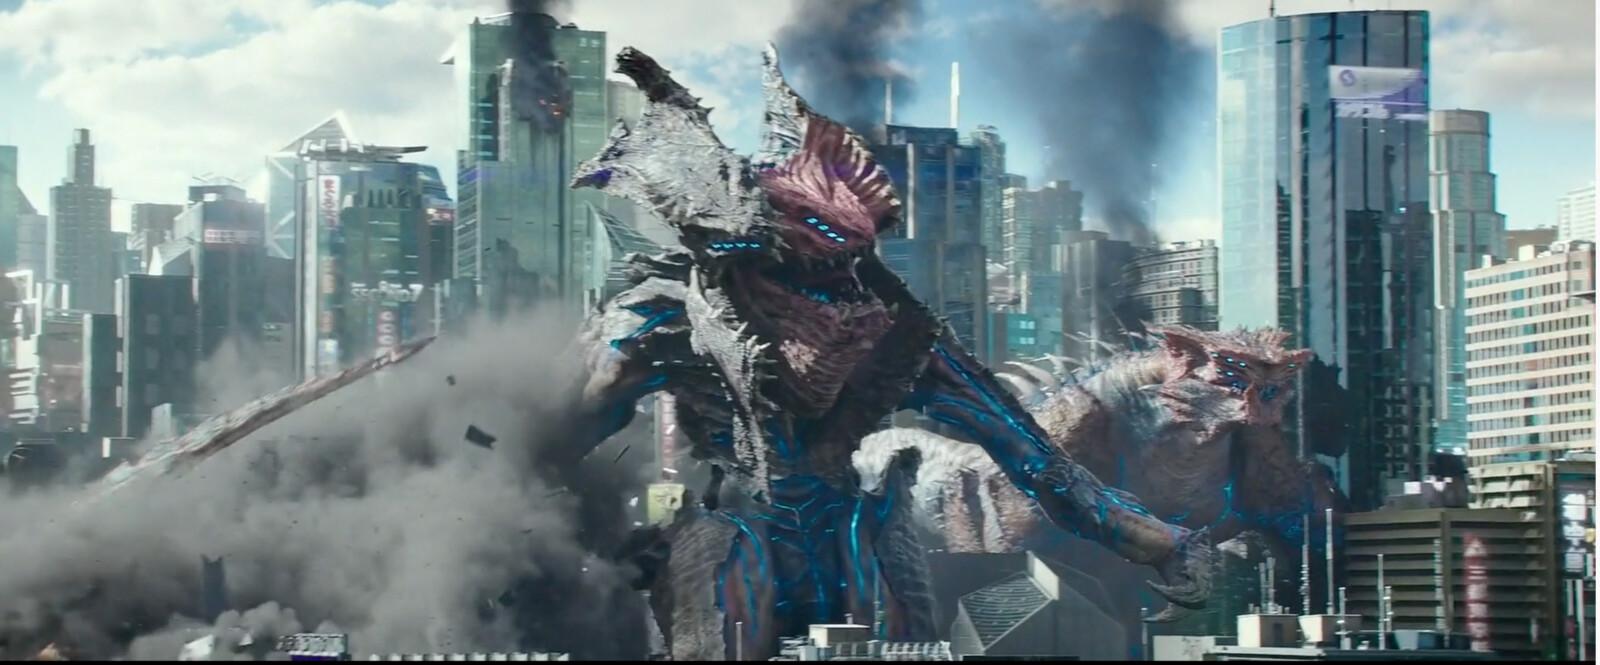 Pacific Rim: Uprising Kaiju creature design